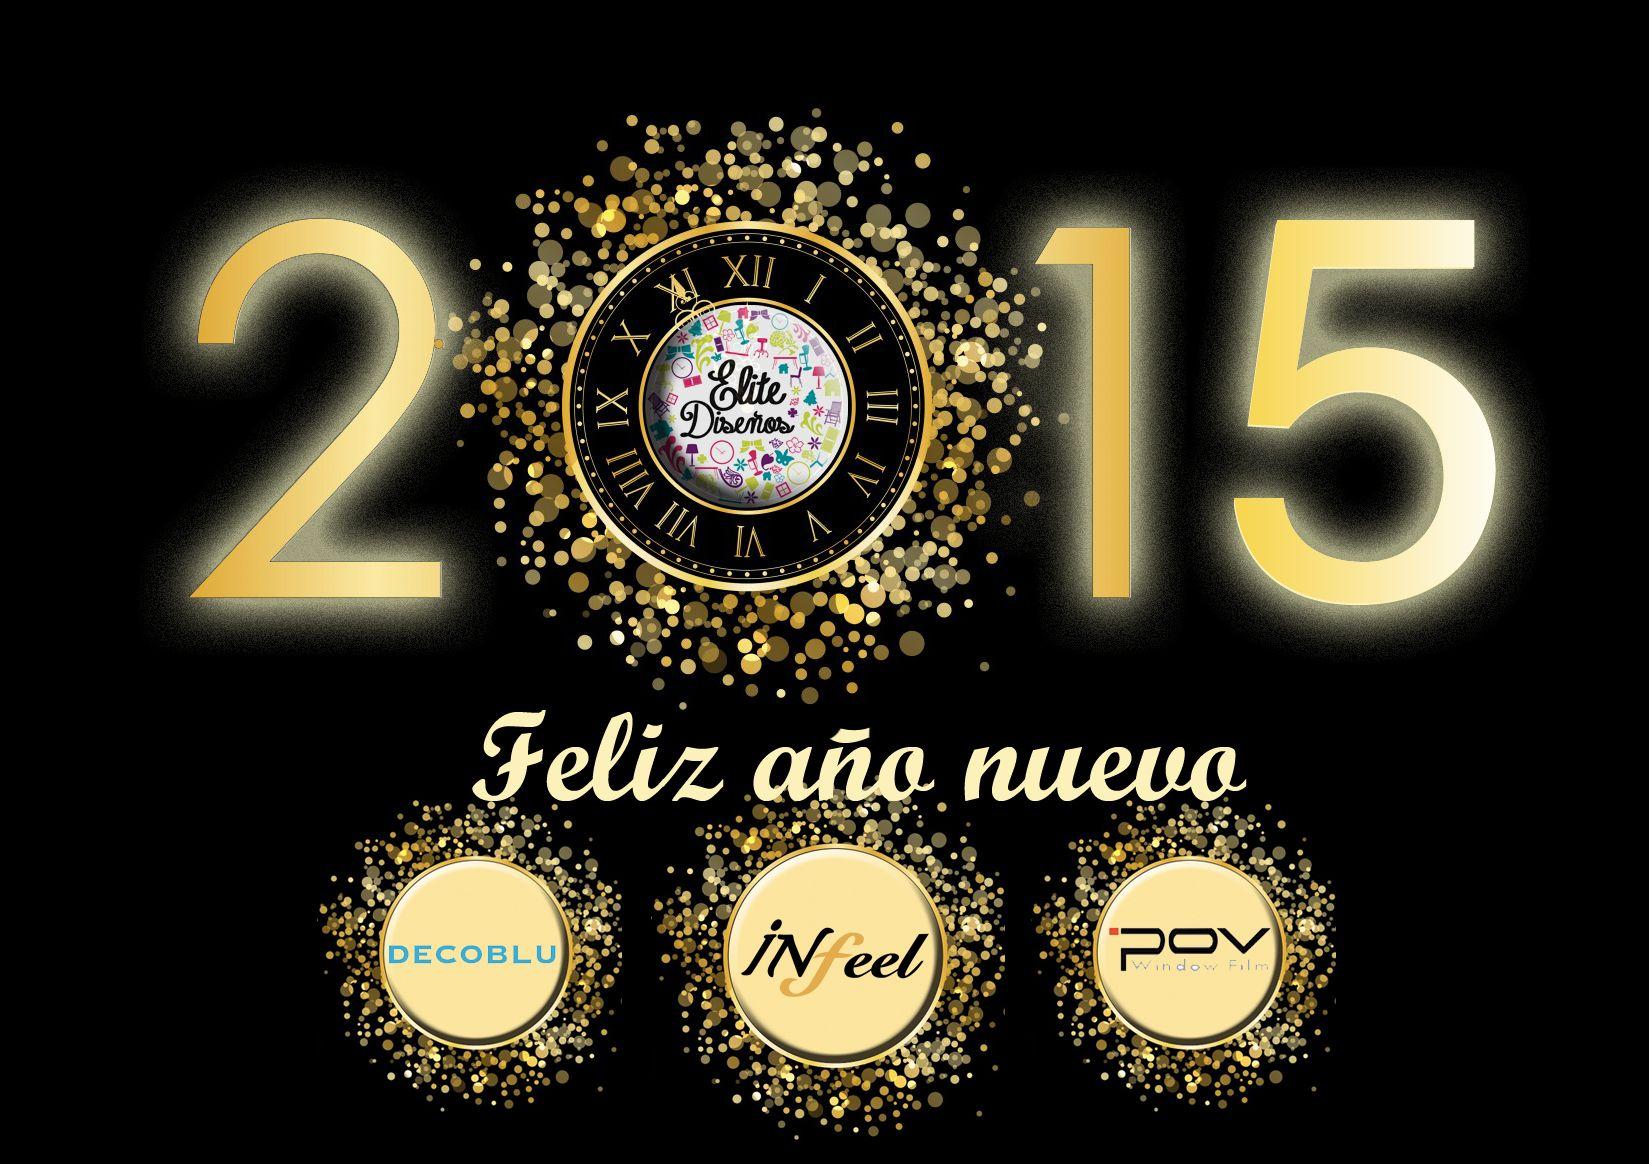 ¡¡Desde @EliteDisenos os deseamos un Feliz 2015!! #FelizAno2015!!